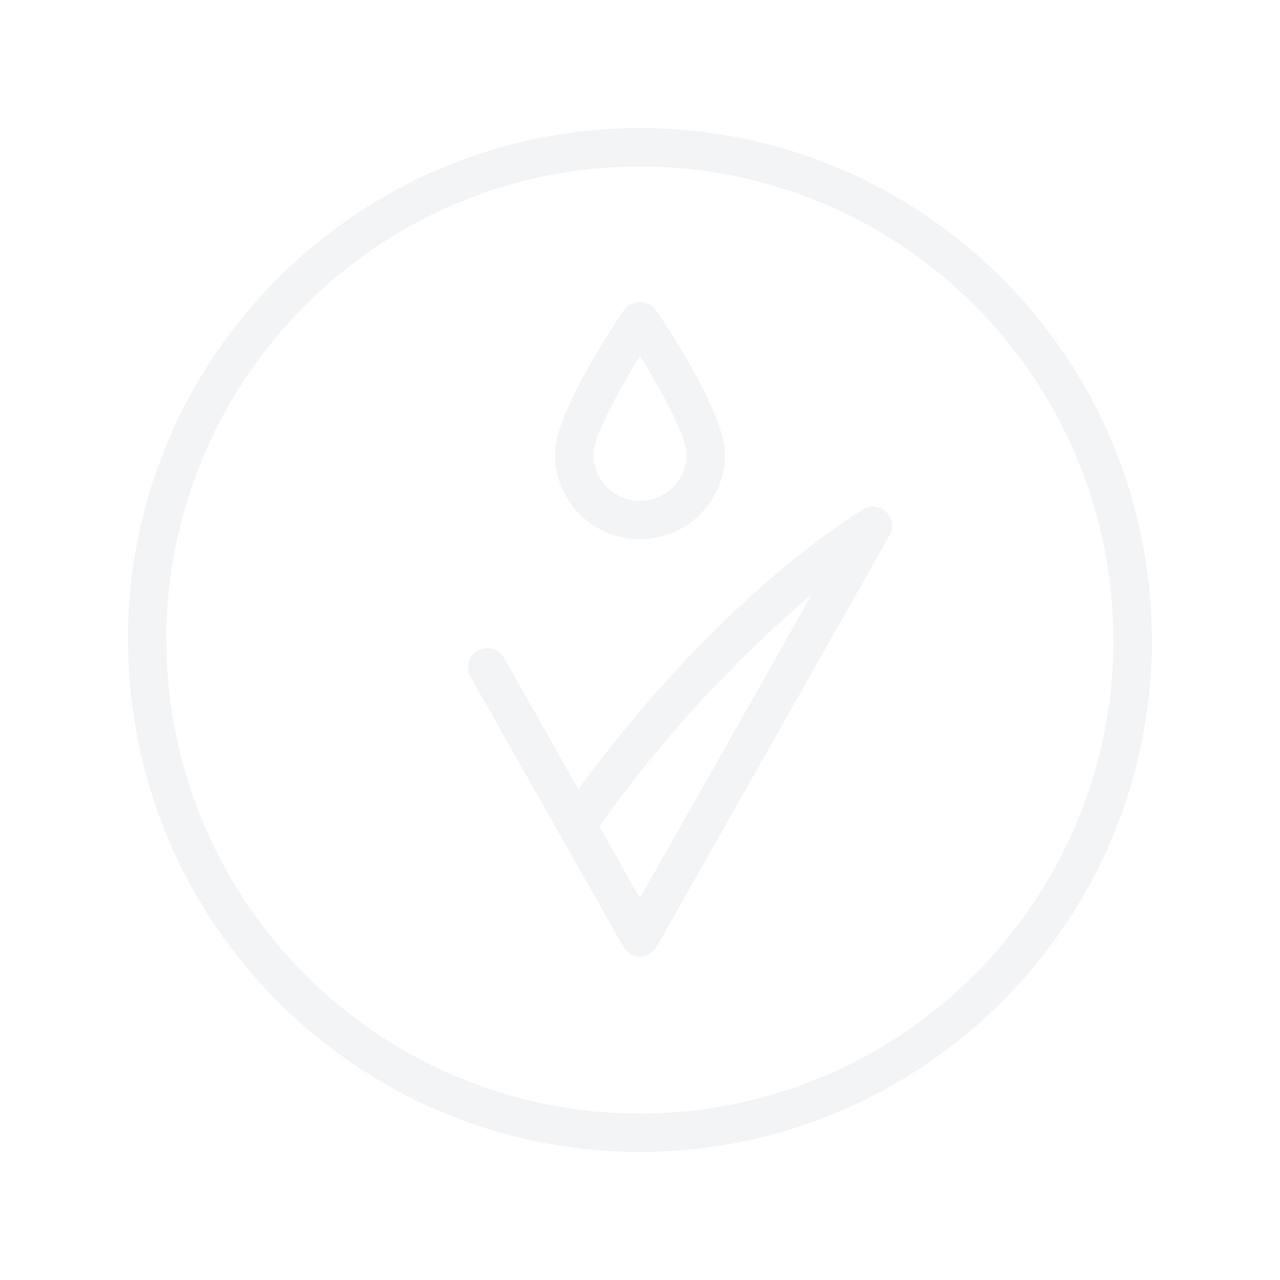 SAMPURE MINERALS Mini Kabuki Brush